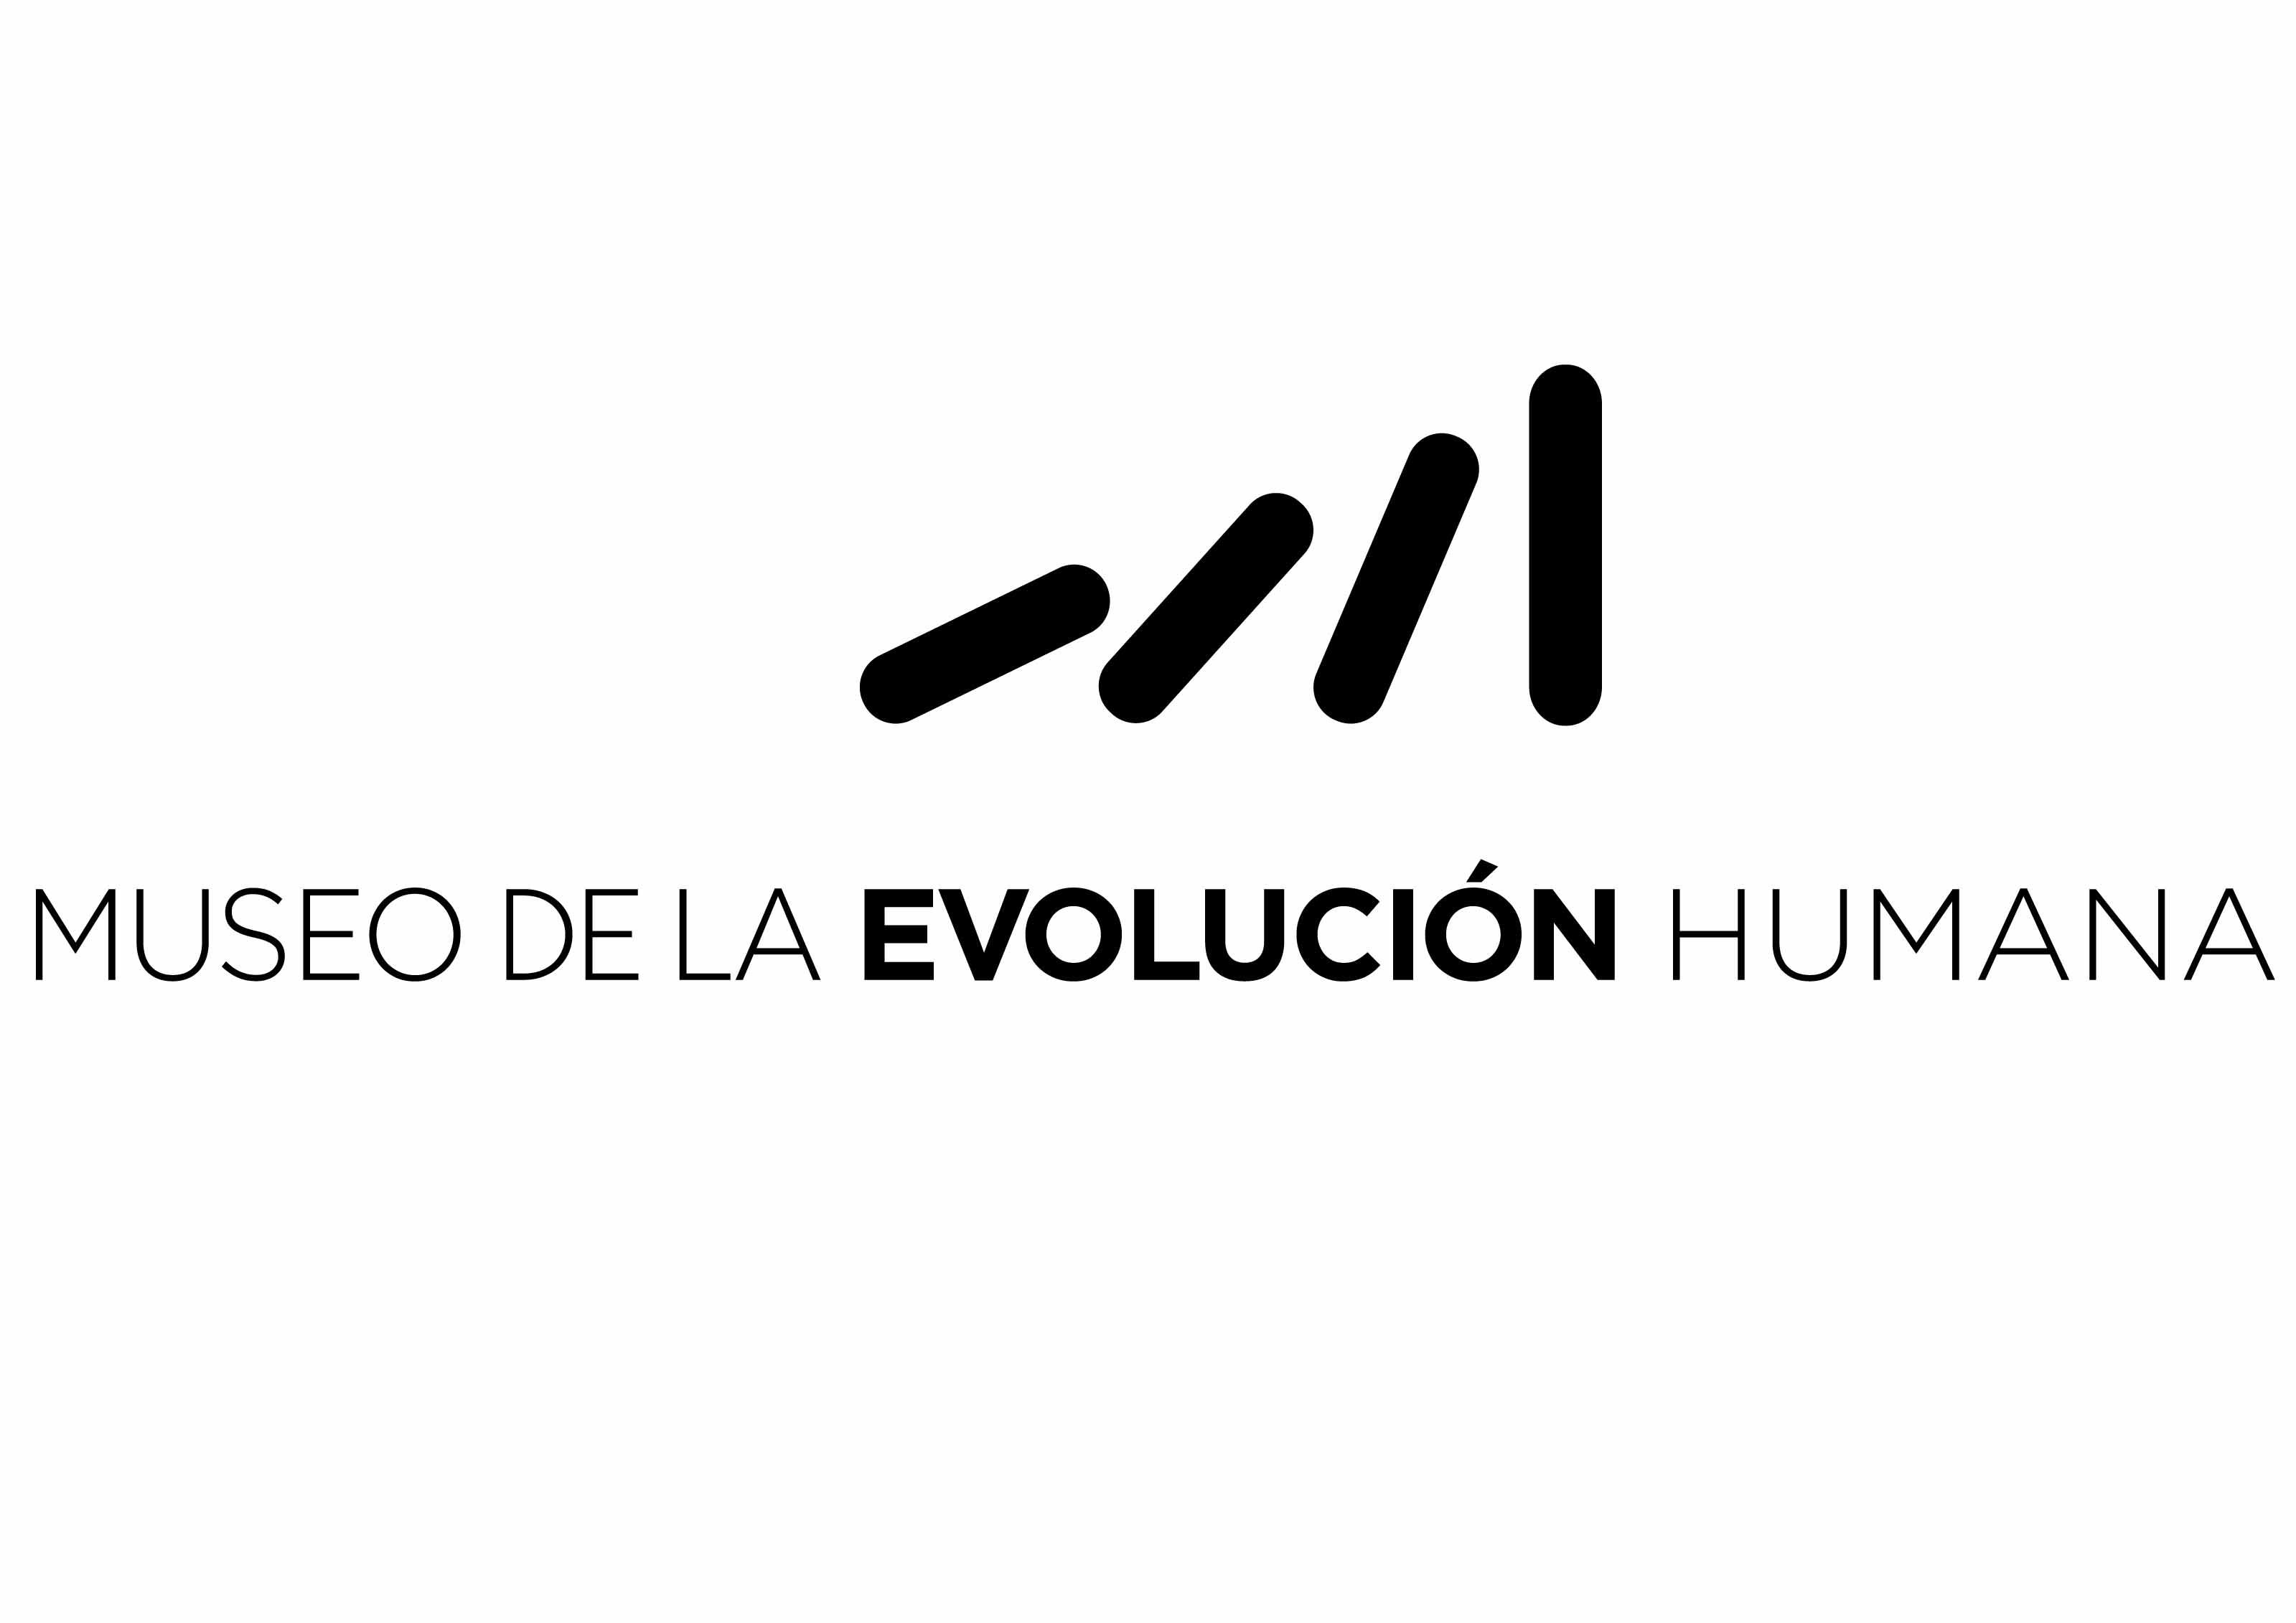 Manuel Estrada logo museo